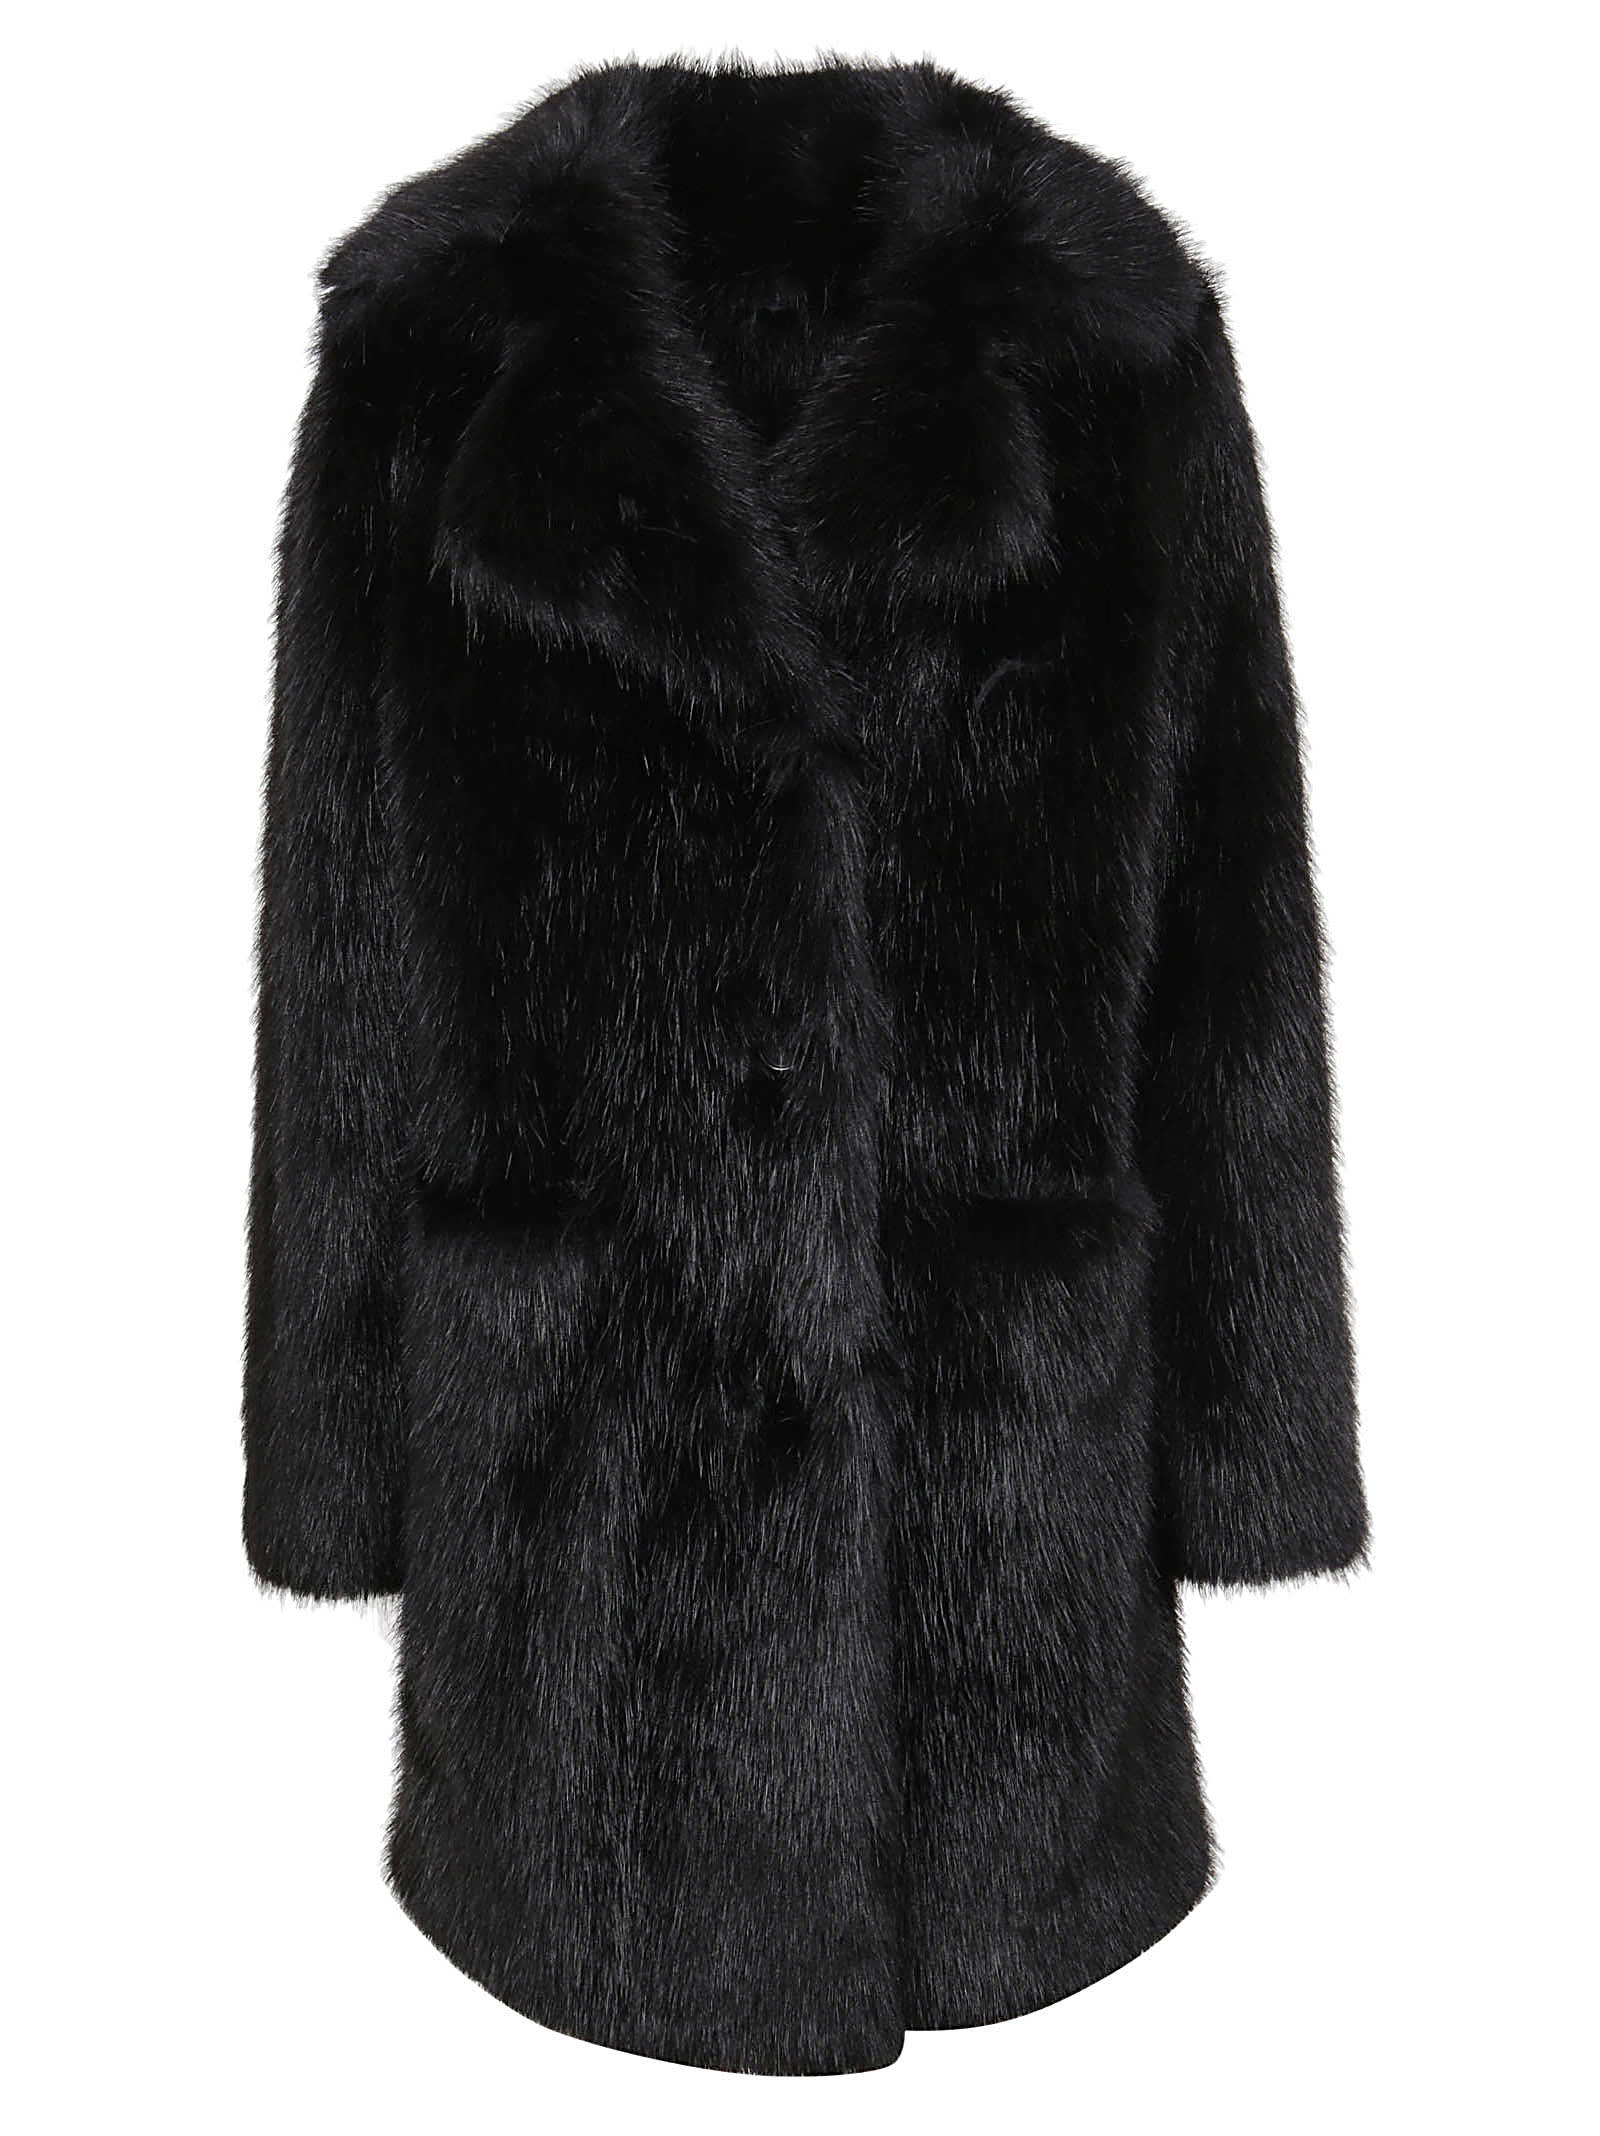 Parosh Foux Fur Coat